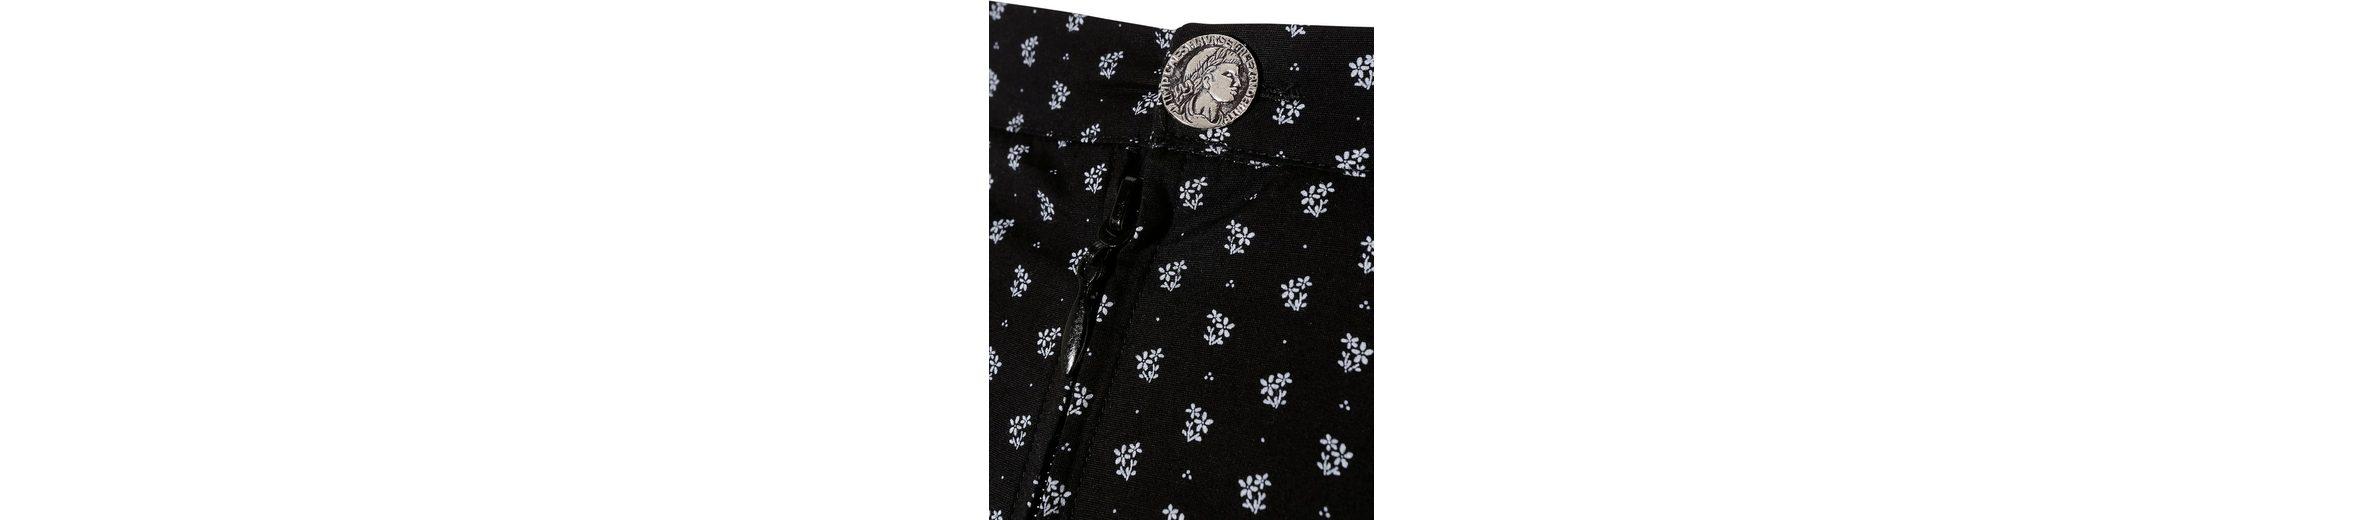 Marjo Trachtenrock Damen mit Metallapplikation Für Freies Verschiffen Verkauf Billig Verkauf Angebote Classic Günstig Online Billig Verkauf Bester Großhandel qUuBa5